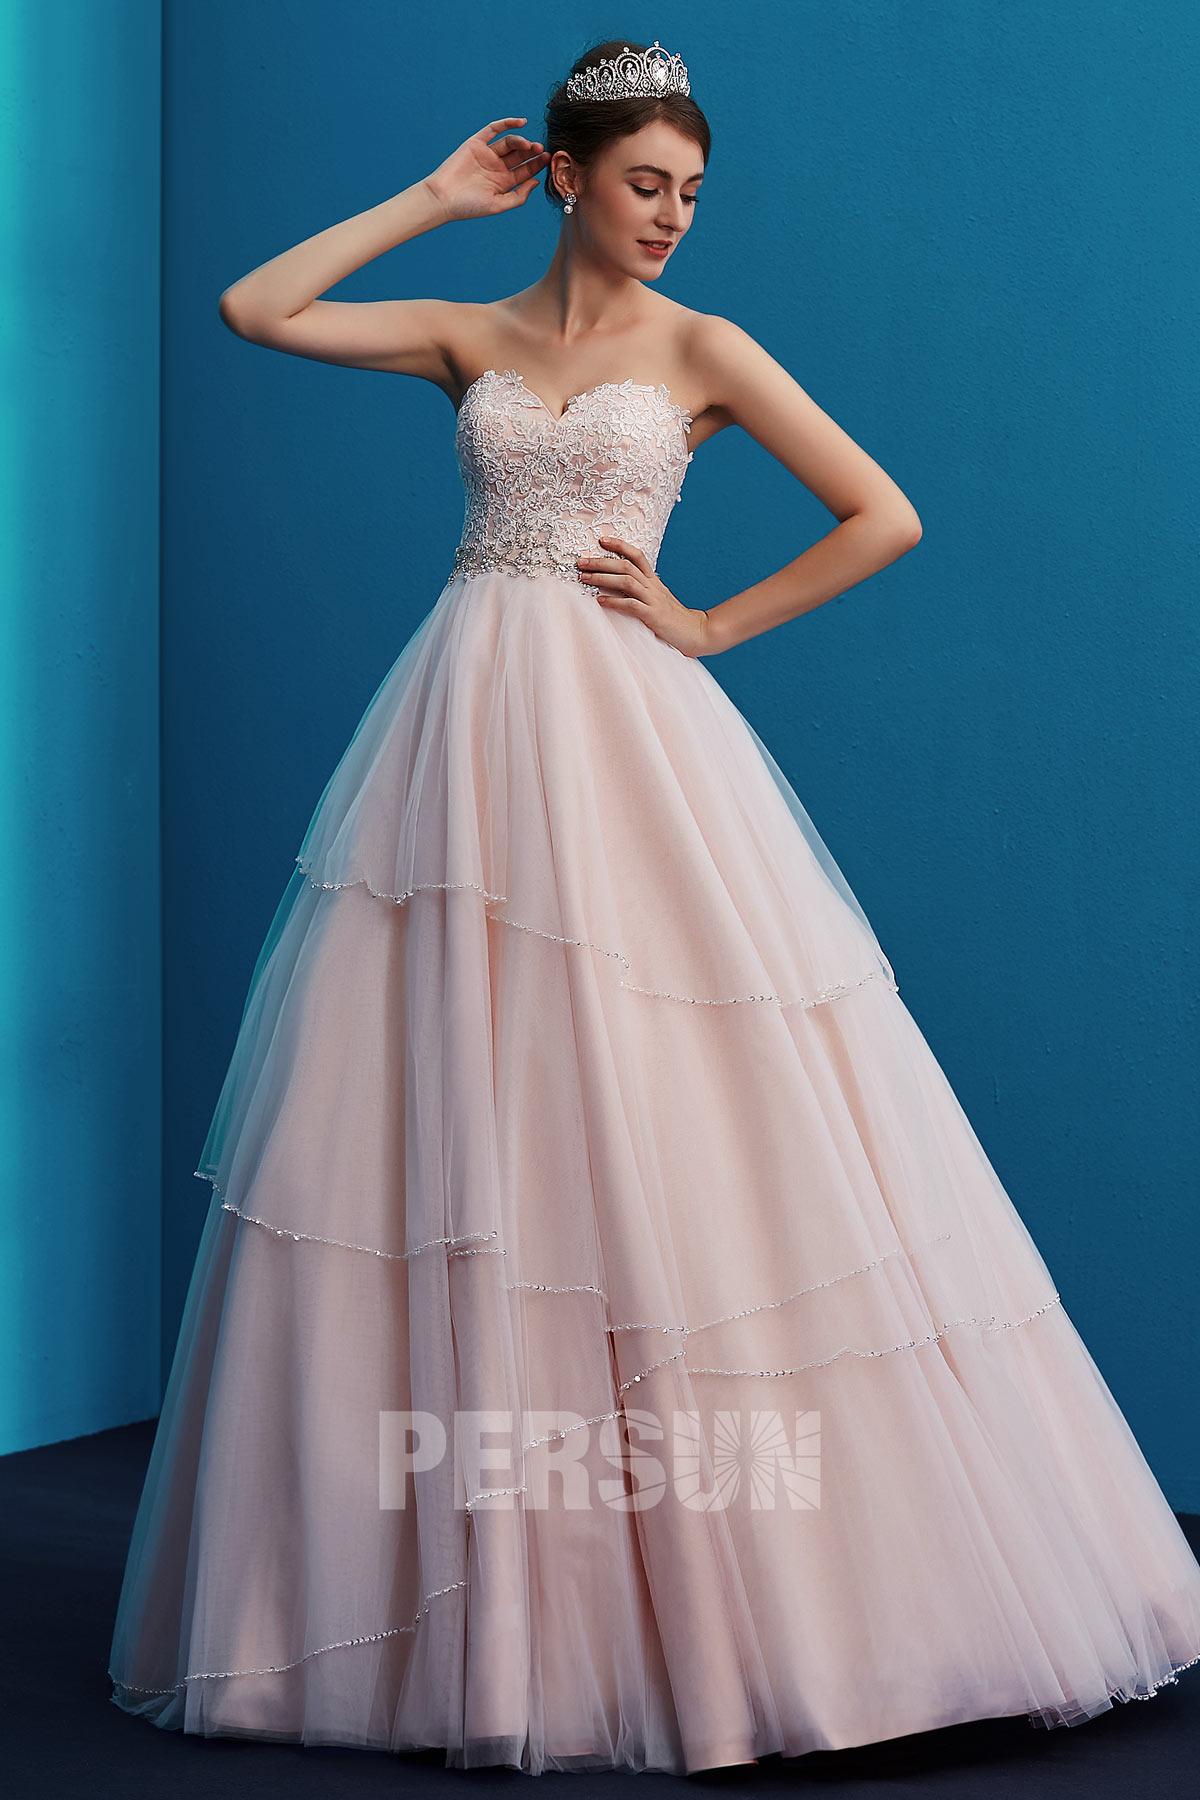 robe de mariée princesse rose pâle bustier coeur en dentelle appliquée jupe ornée de sequins